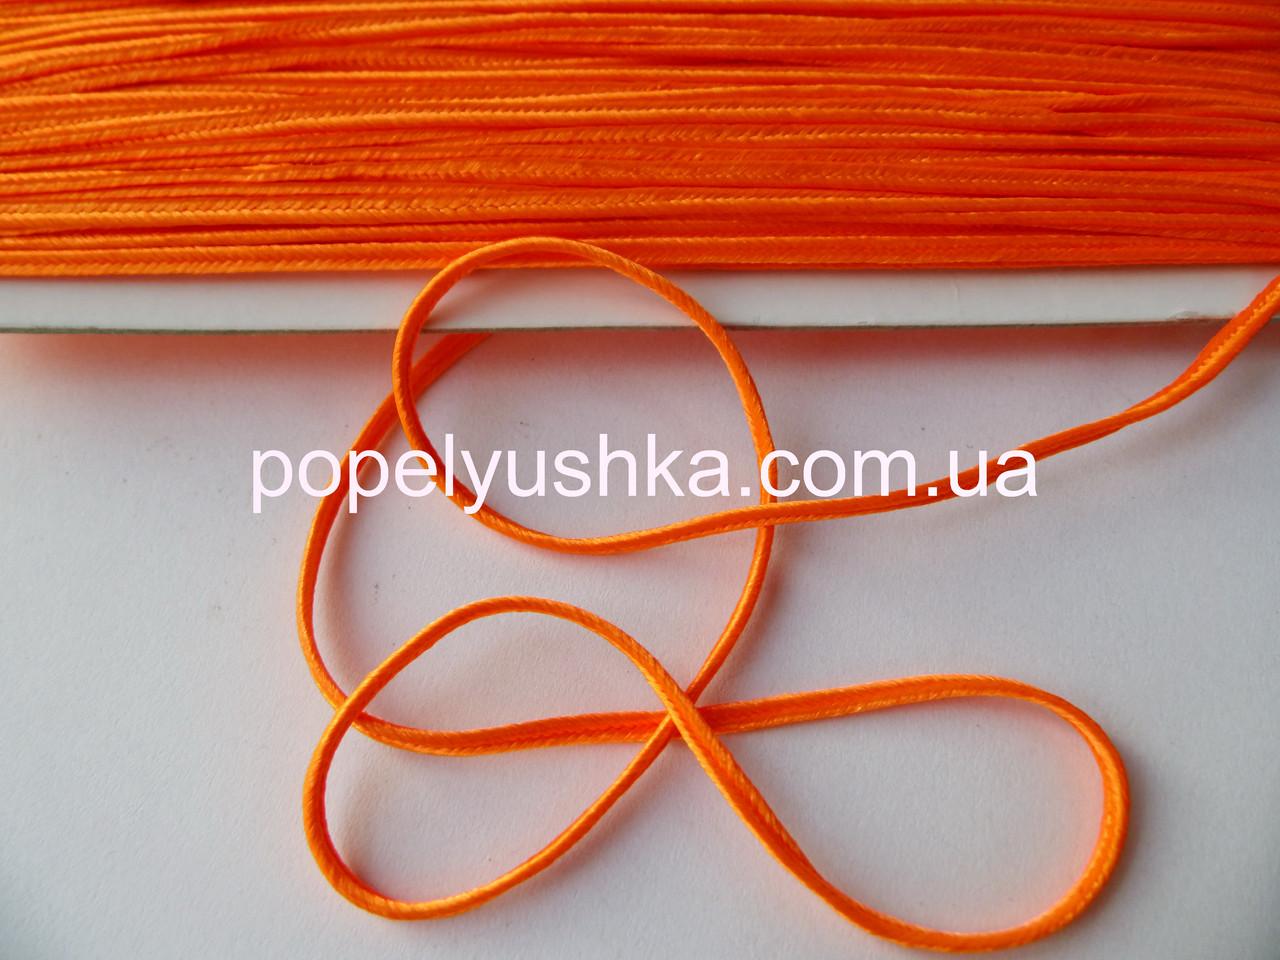 Шнур сутажний 3 мм Оранжевий